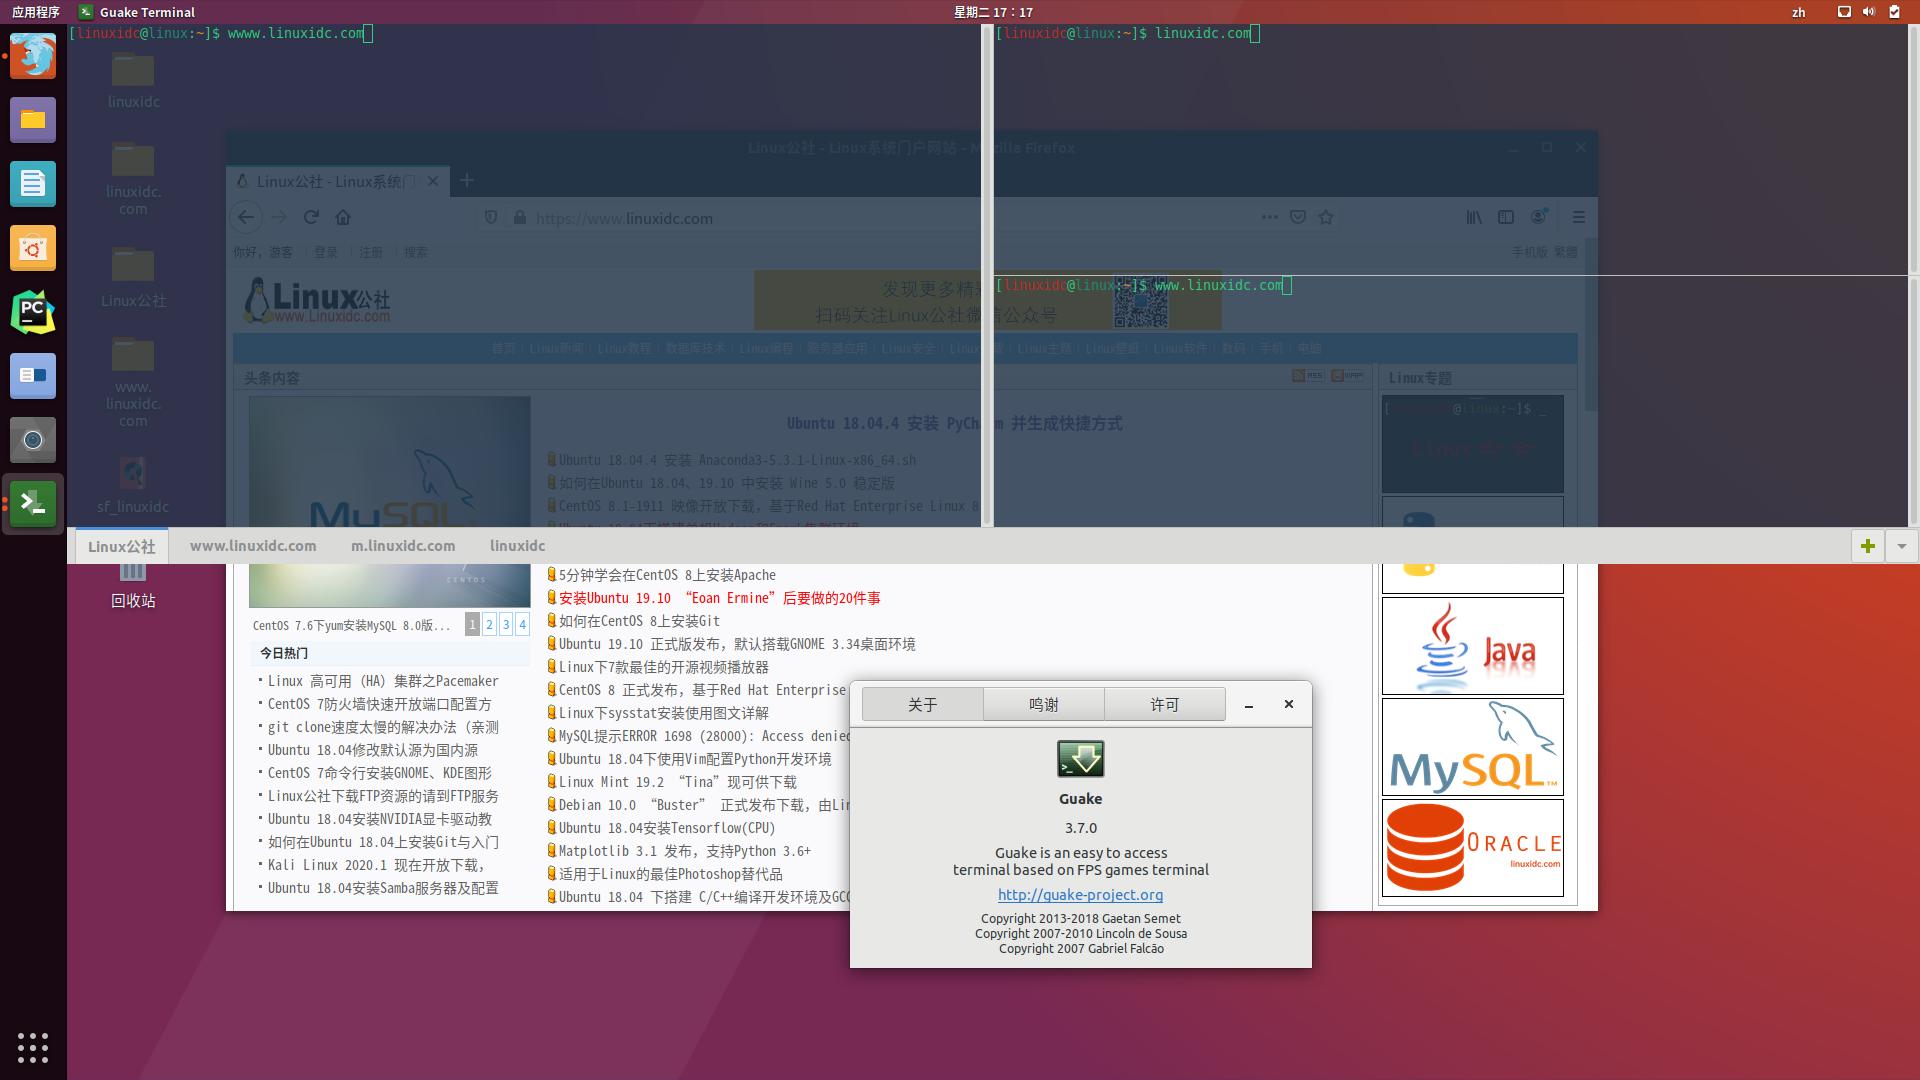 Guake 3.7.0下拉式终端发布,可根据每选项卡更改终端颜色